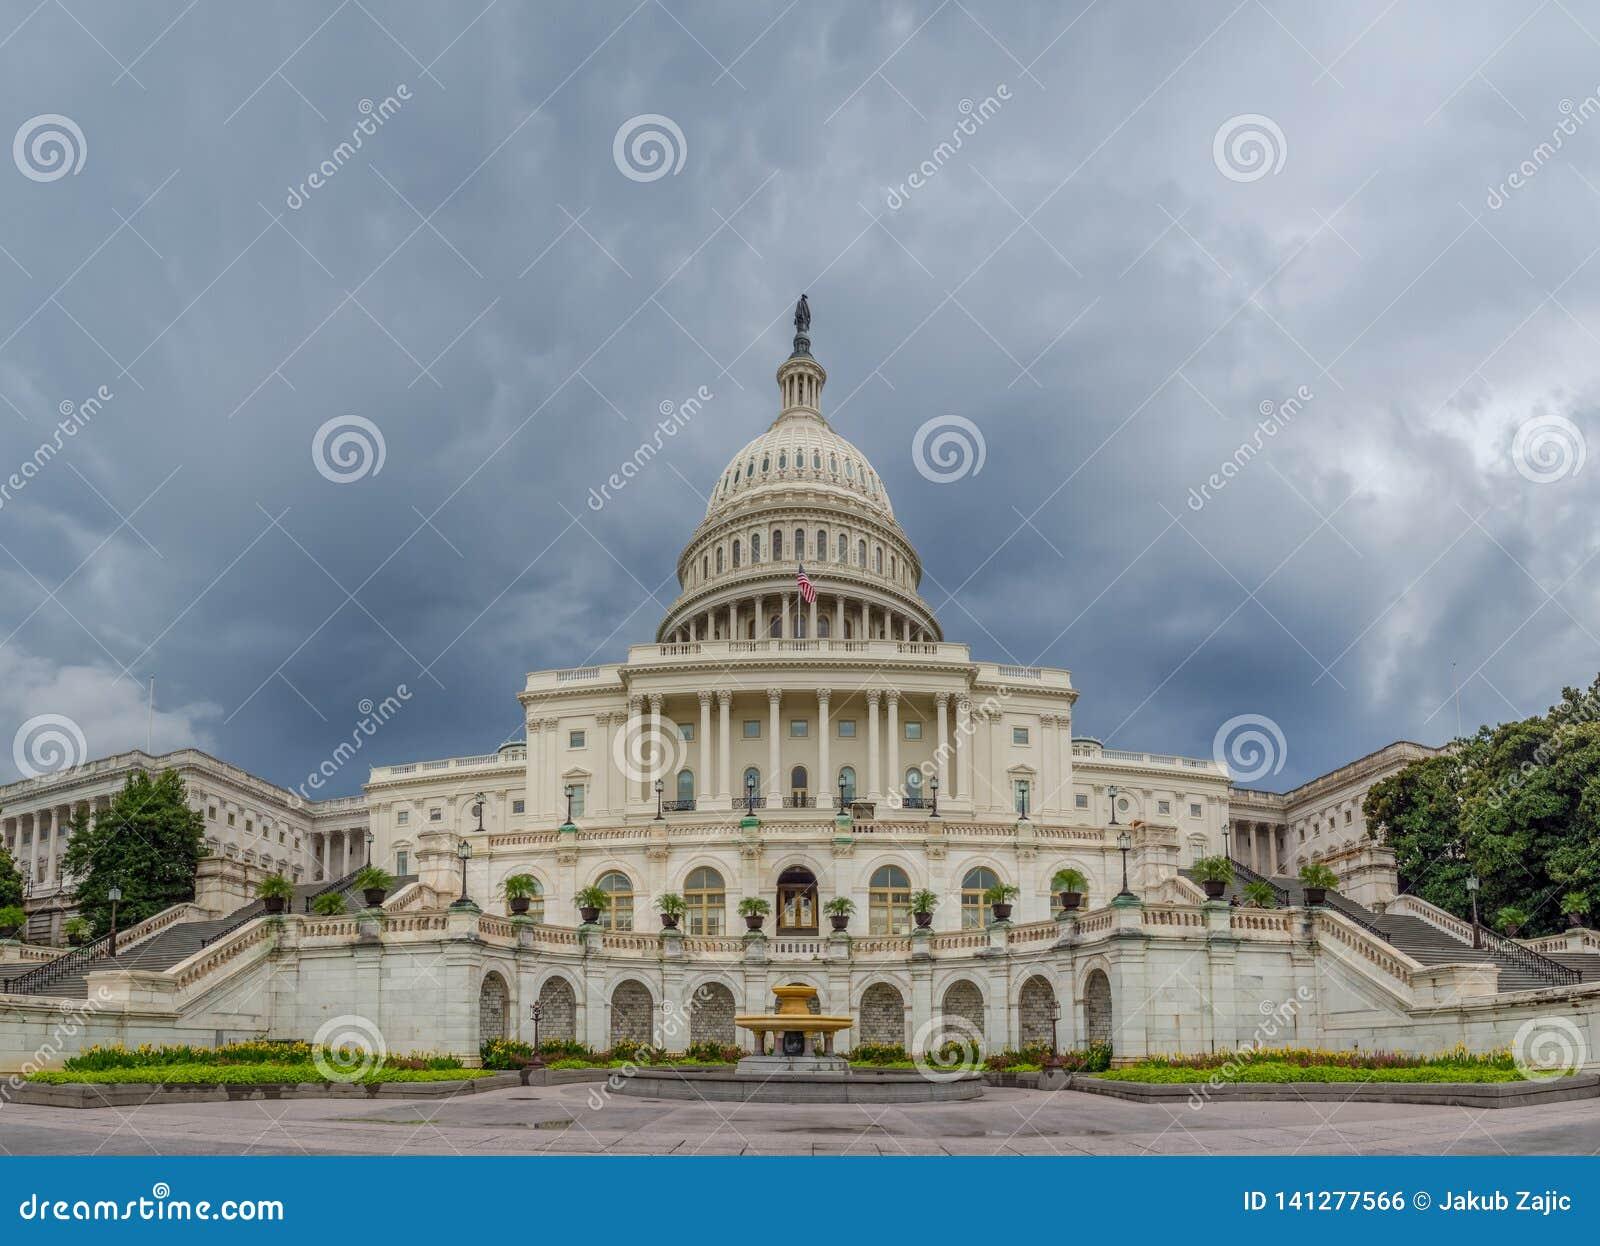 Washington DC, distrito de Columbia [construção do Capitólio dos E.U. do Estados Unidos, tempo nebuloso obscuro antes de chover,